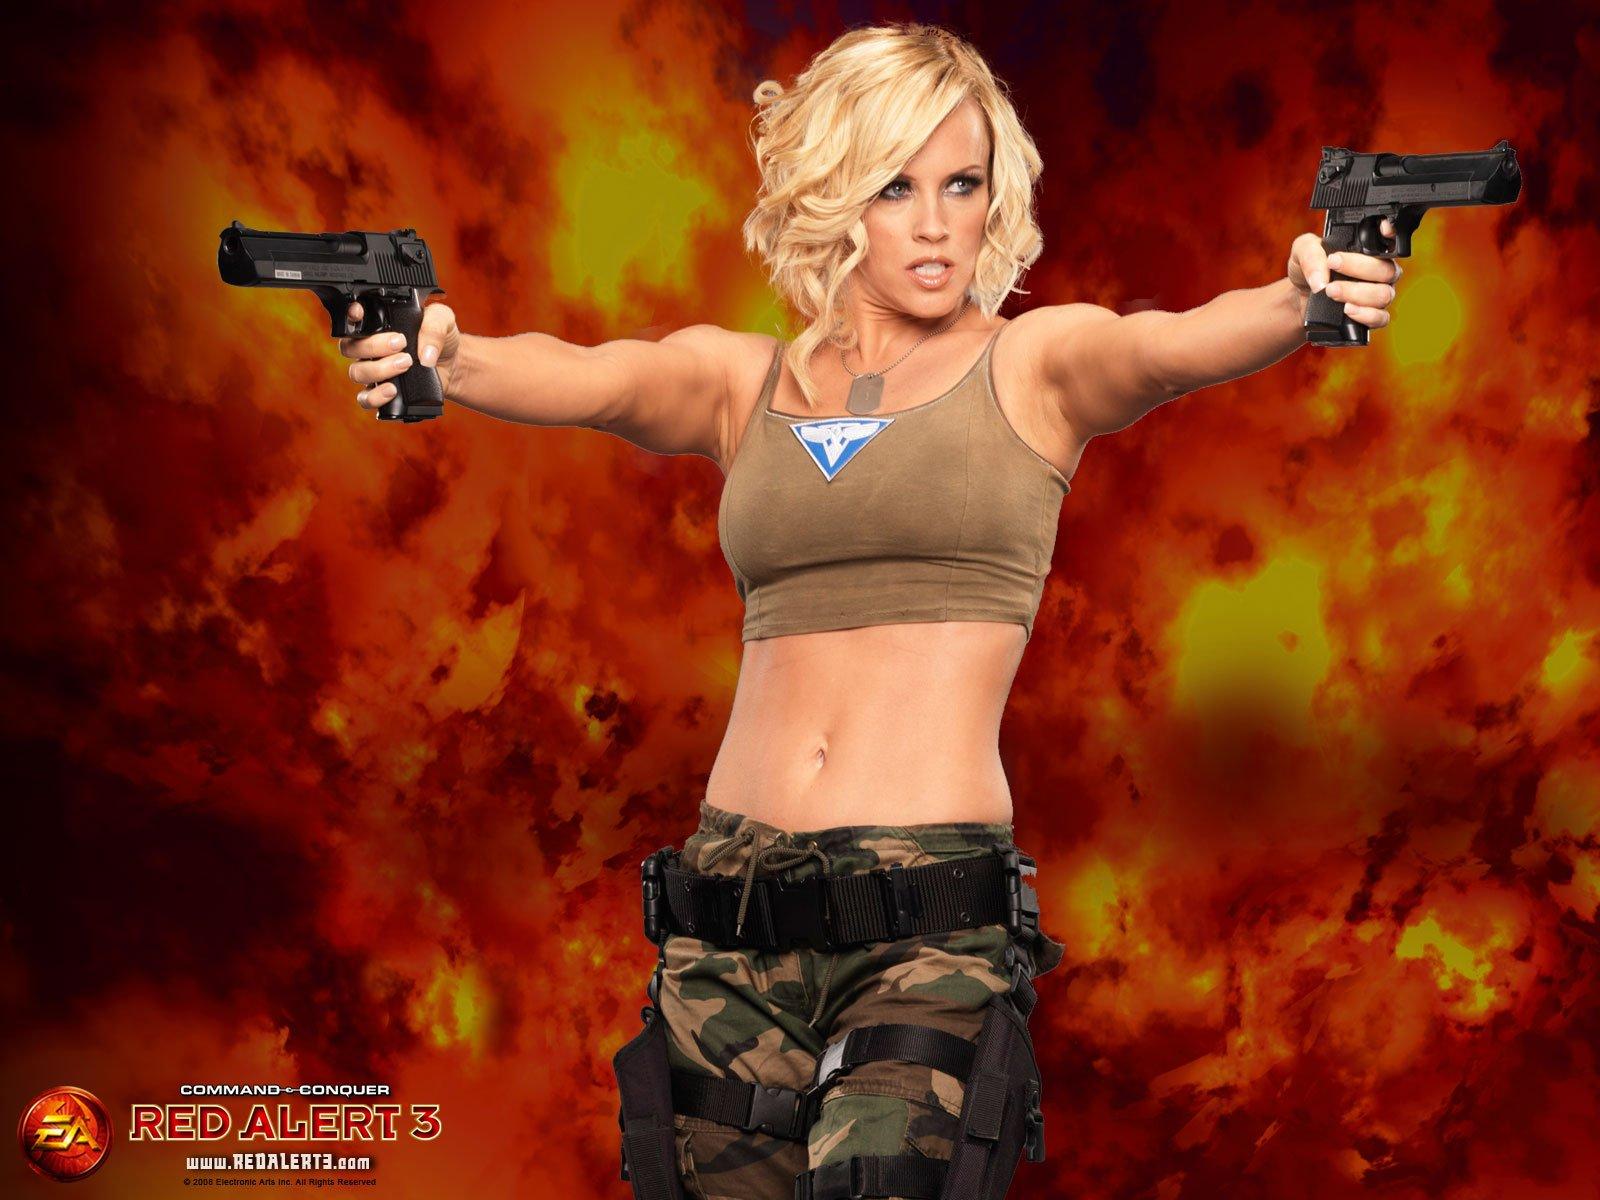 http://2.bp.blogspot.com/-gL5cionioao/T9xxK3jlWPI/AAAAAAAABSA/DRDrd6jDeqs/s1600/Jenny+McCarthy+HD+Wallpapers+4.jpg